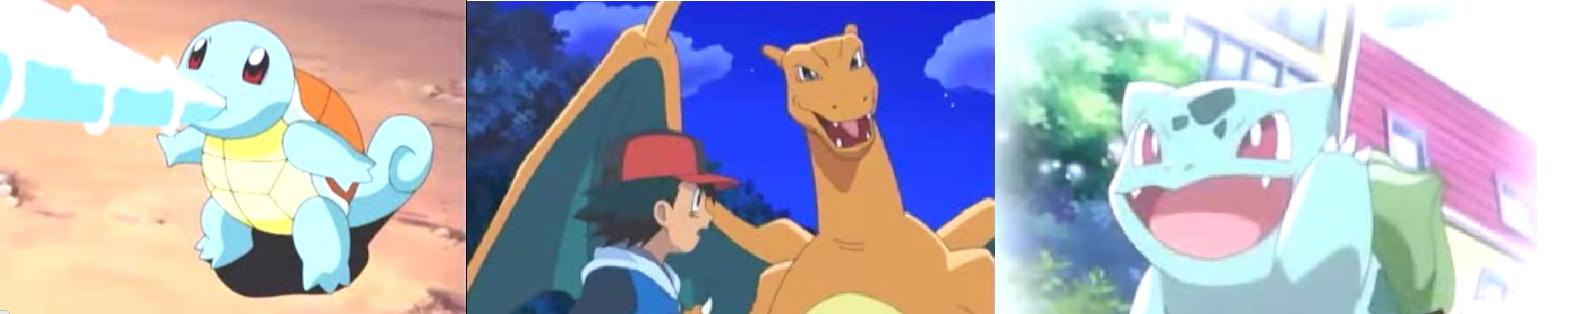 Pokemon Capitulo 43 Temporada 9 Reuniendo A La Pandilla De Cuatro